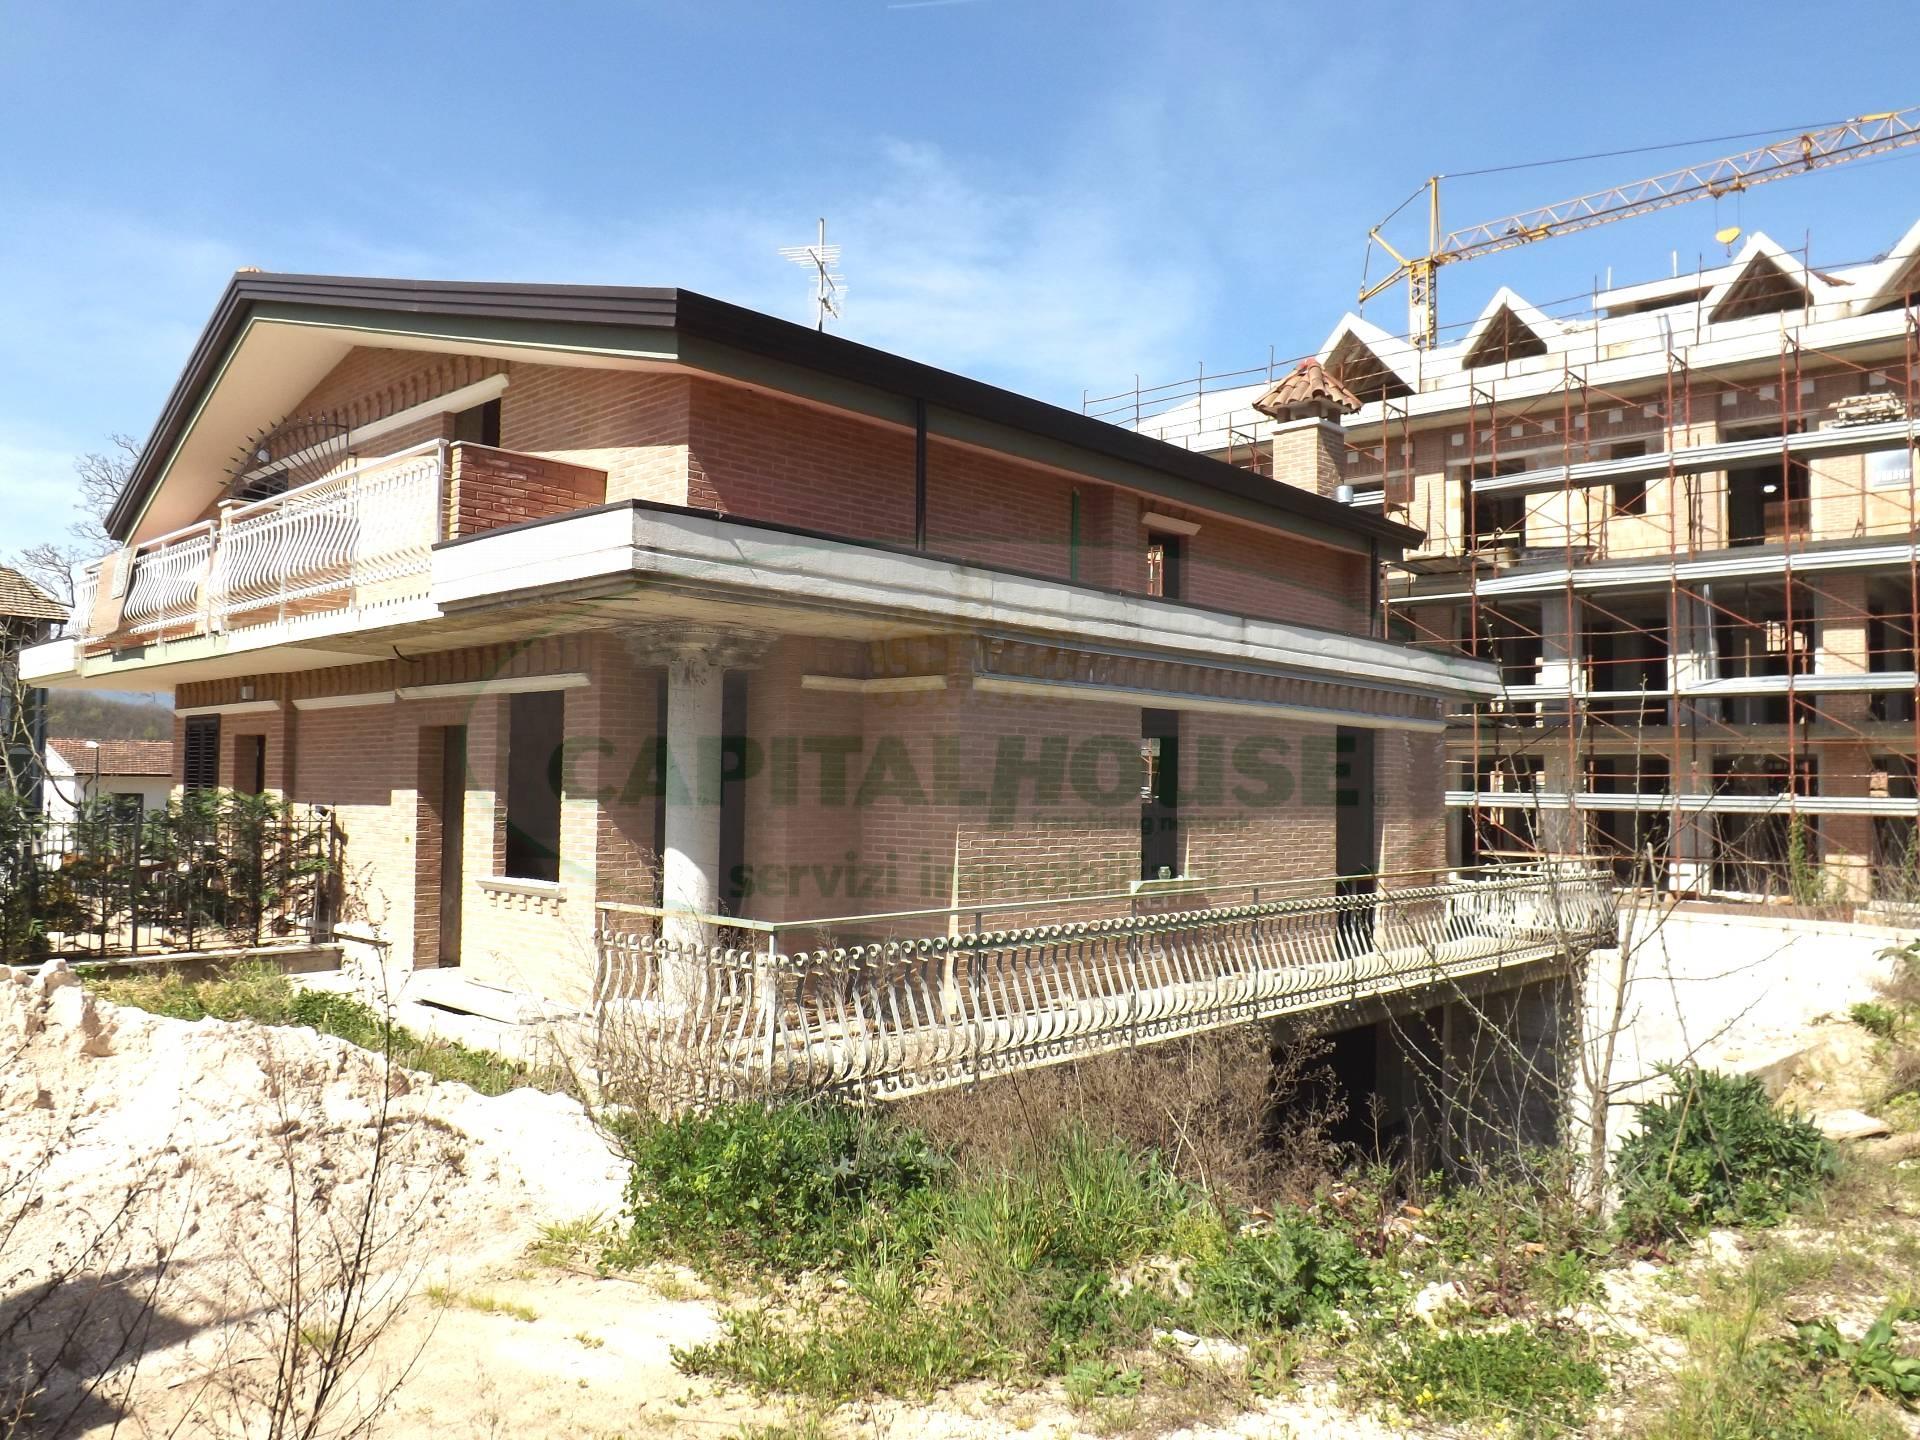 Villa in vendita a Cesinali, 3 locali, prezzo € 265.000 | Cambio Casa.it